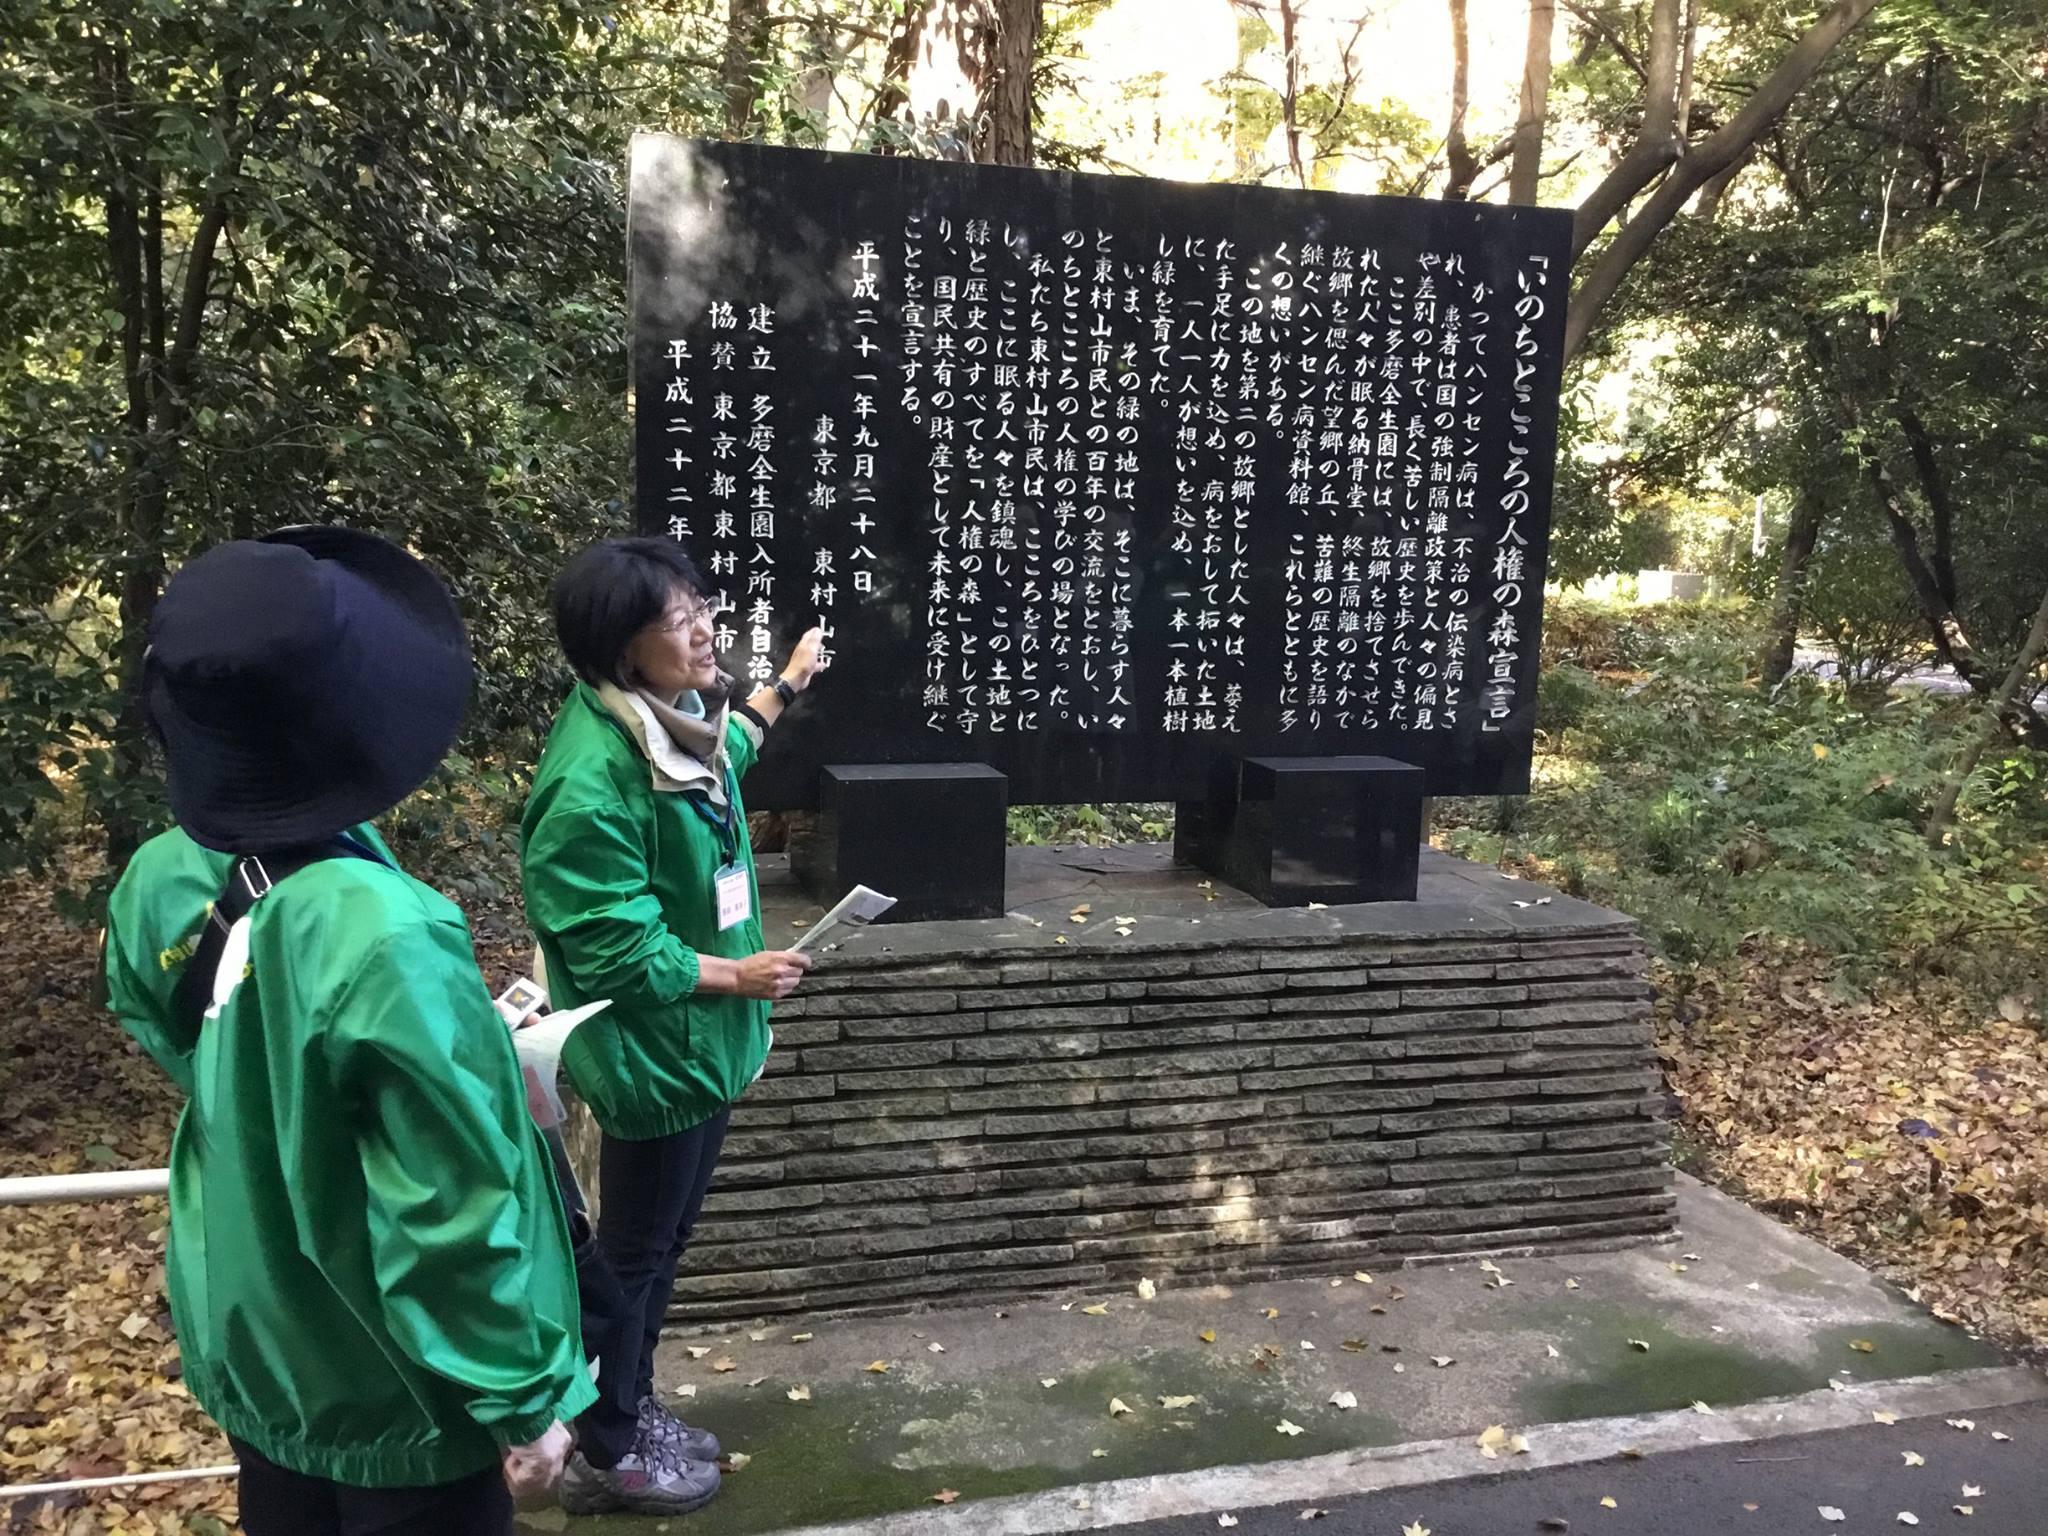 「いのちとこころの人権の森宣言」の碑